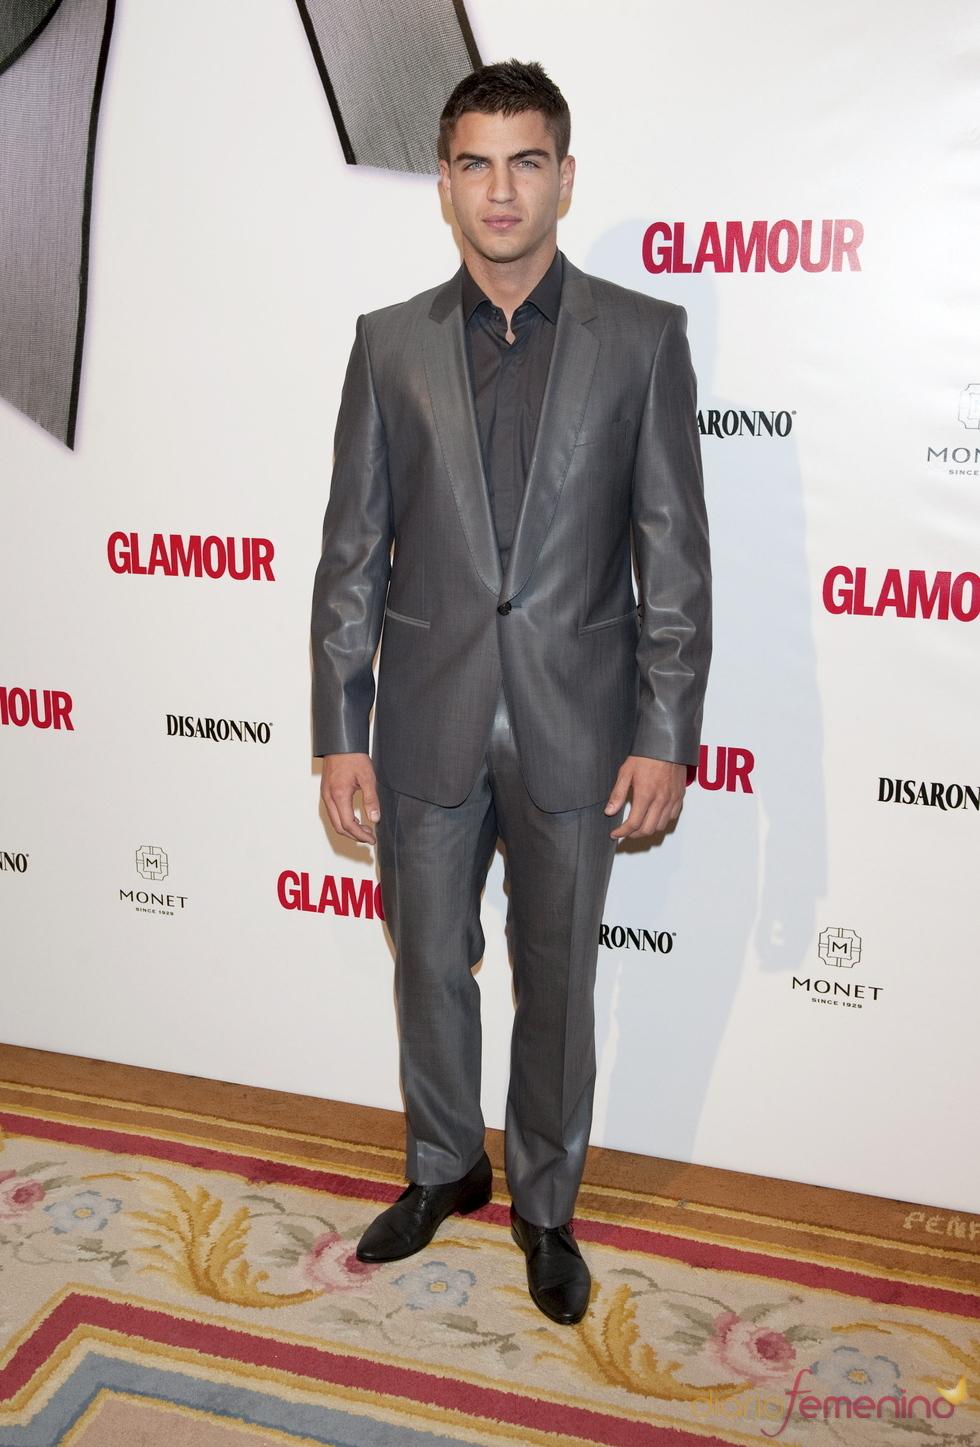 Maxi Iglesias en los Premios Top Glamour 2010